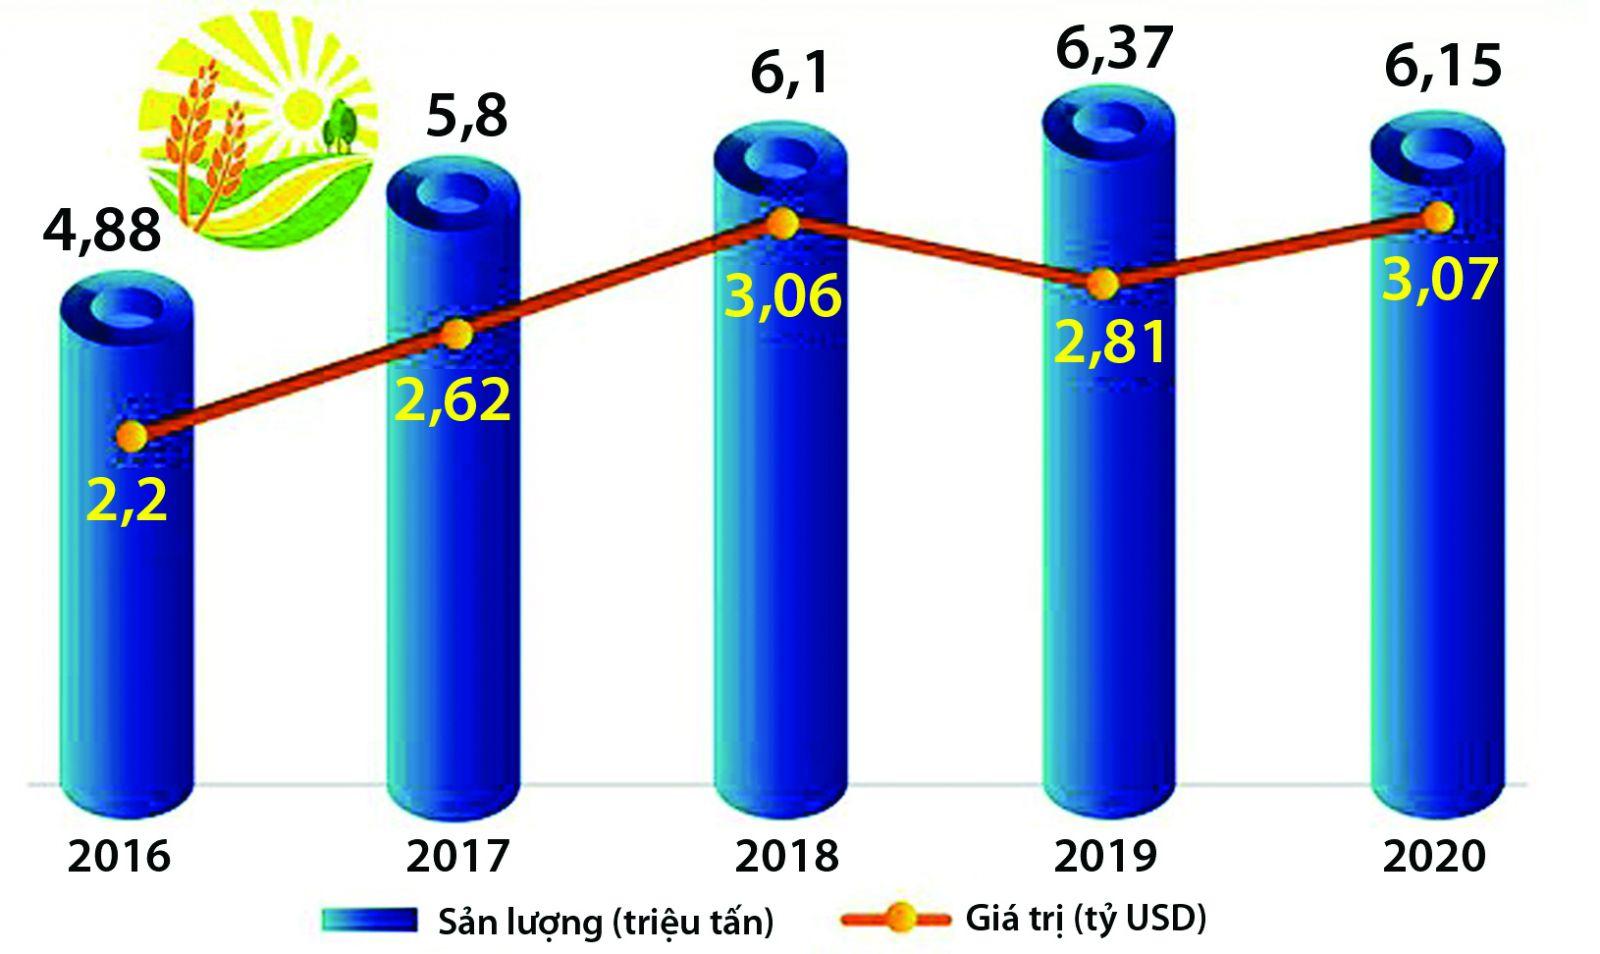 Sản lượng và kim ngạch xuất khẩu gạo của Việt Nam từ 2016-2020. Nguồn: Bộ Công Thương